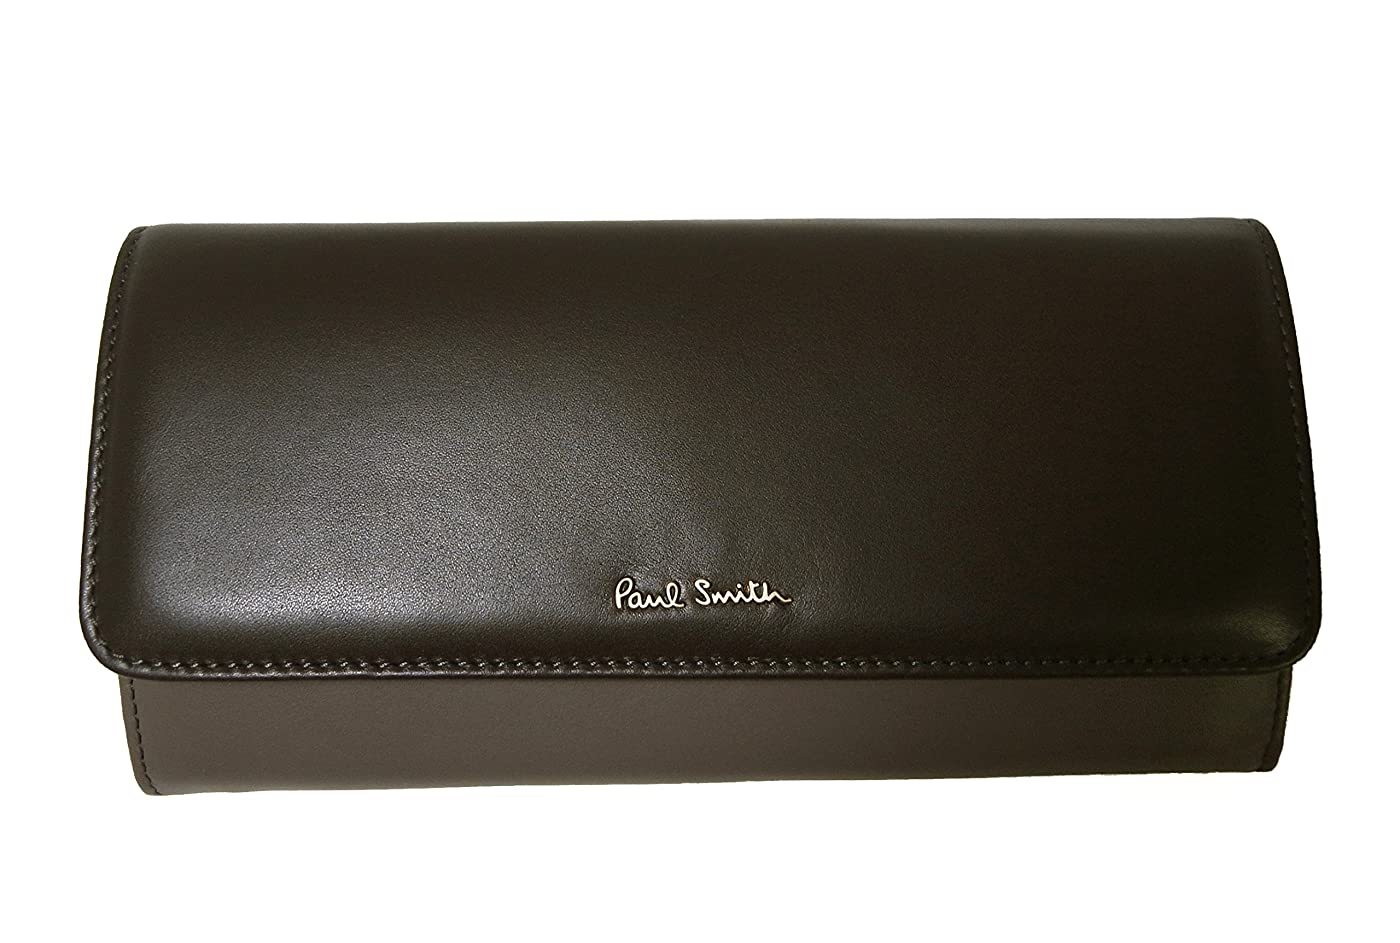 毒性ライム面白い[ポールスミス] 財布 レディース 二つ折 長財布 (ダークブラウン) PA-987 [並行輸入品]